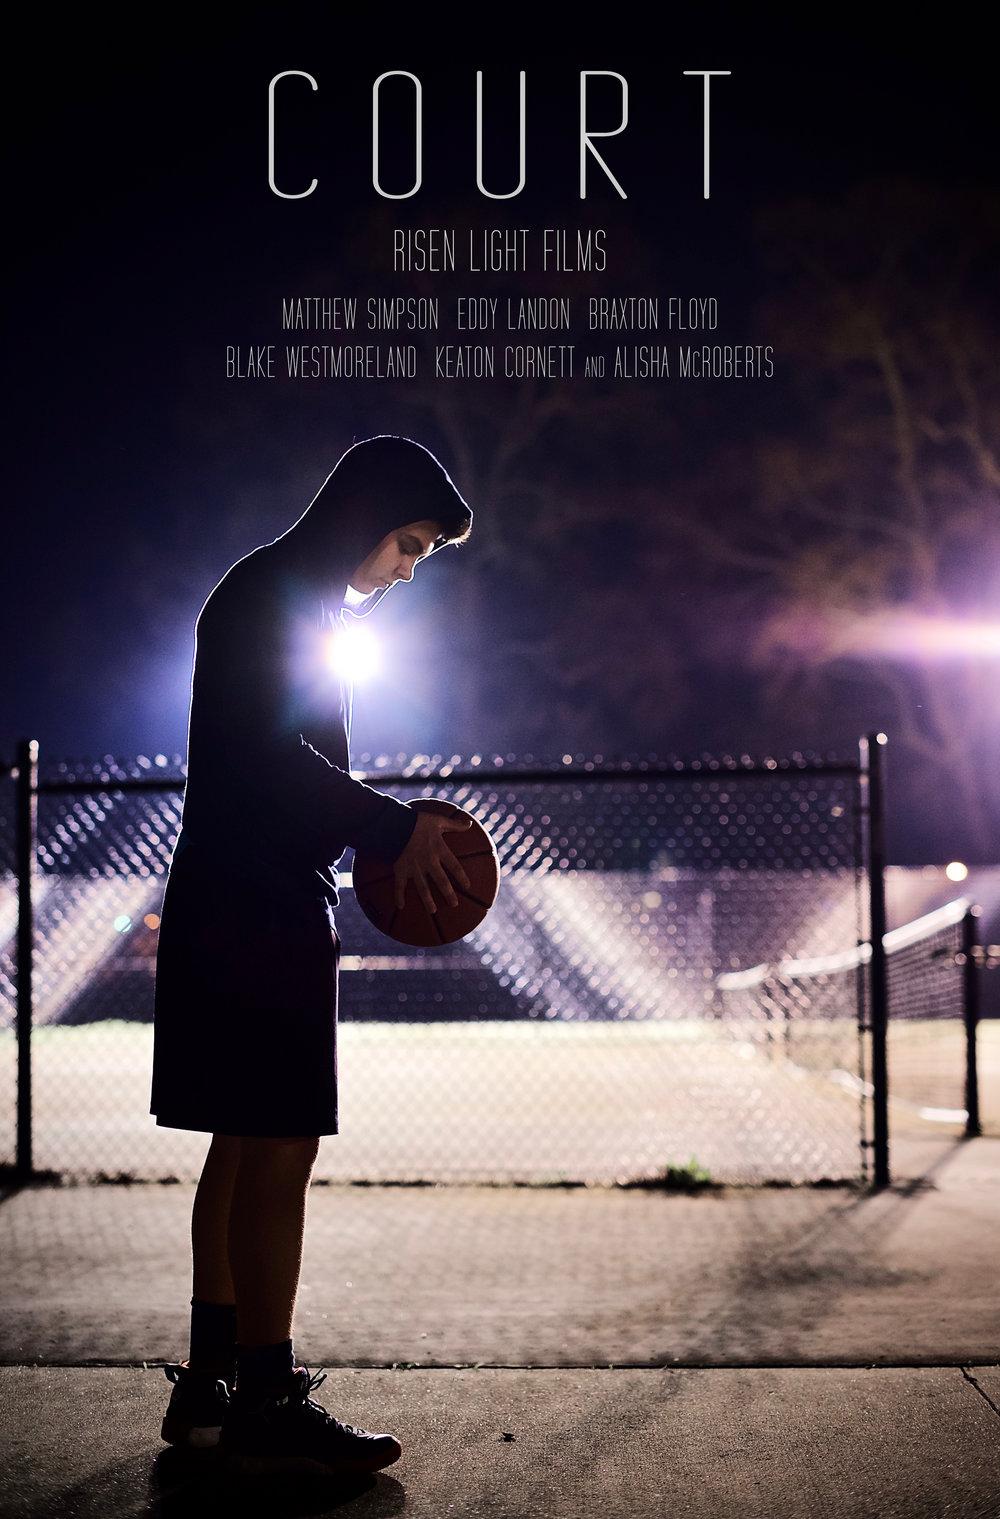 Court Poster - Risen Light Films.jpg